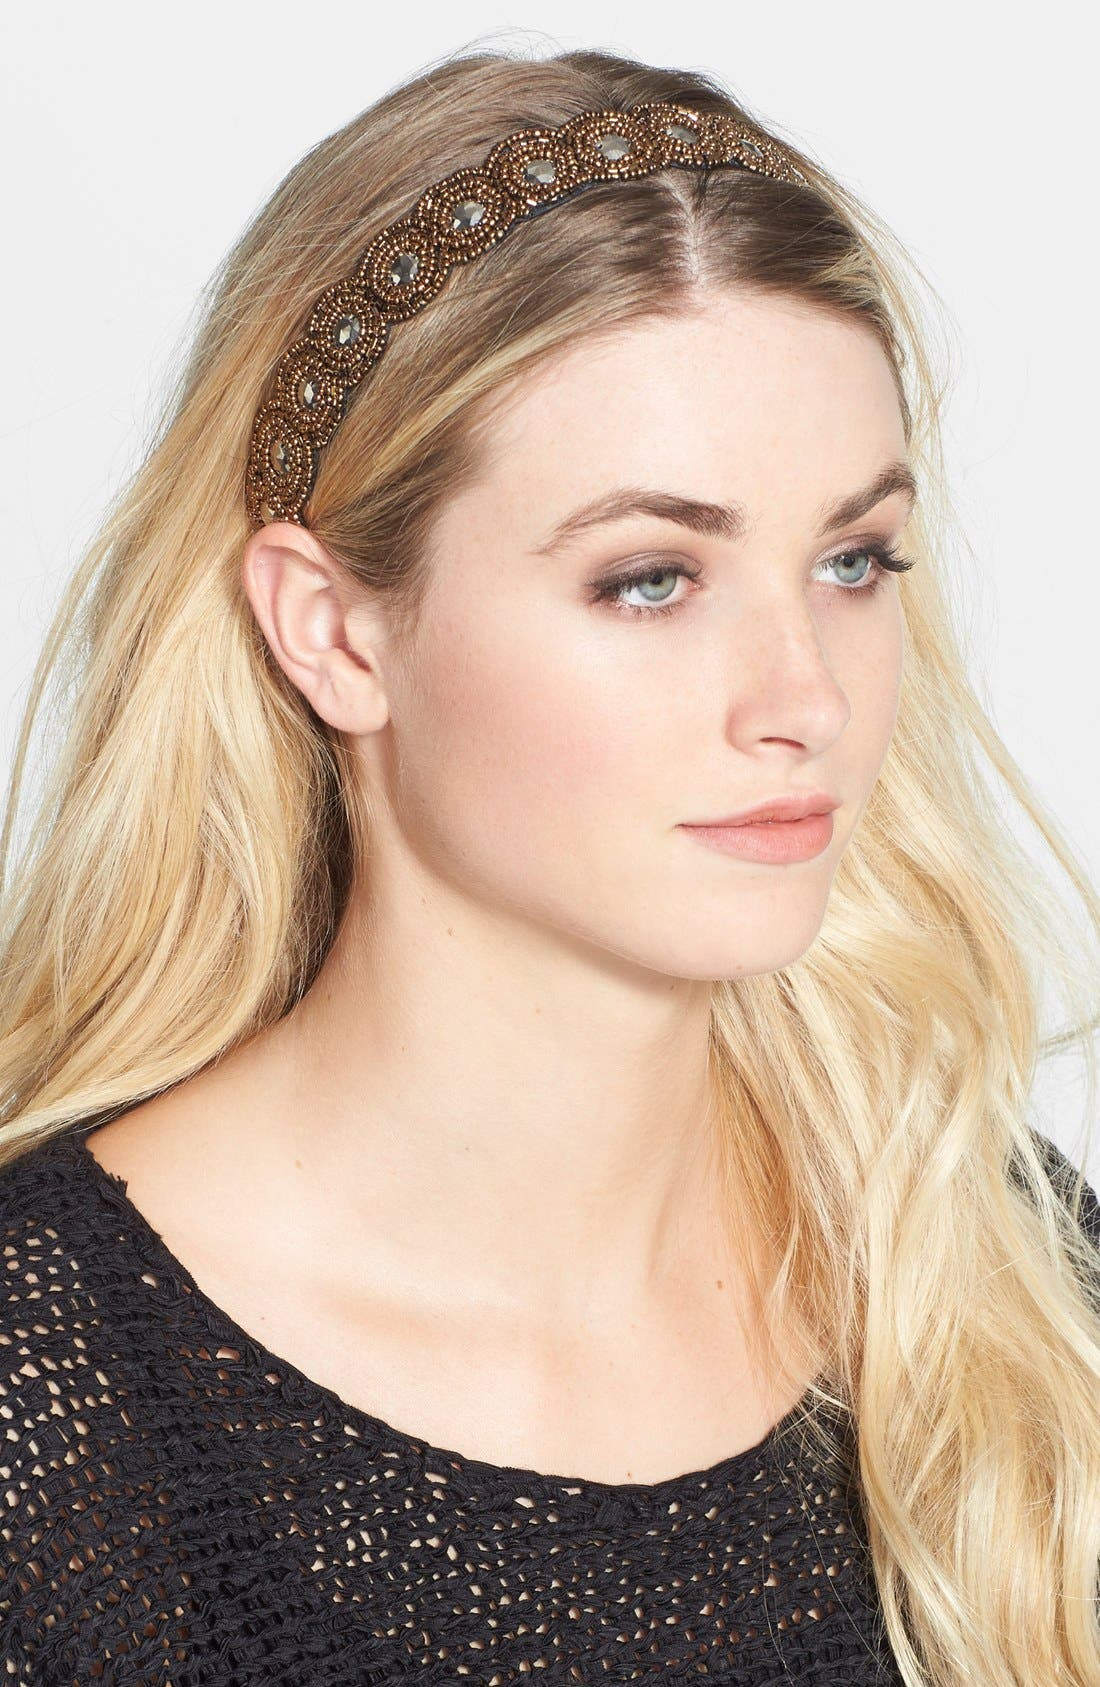 Main Image - Tasha 'Beaded in Beauty' Head Wrap